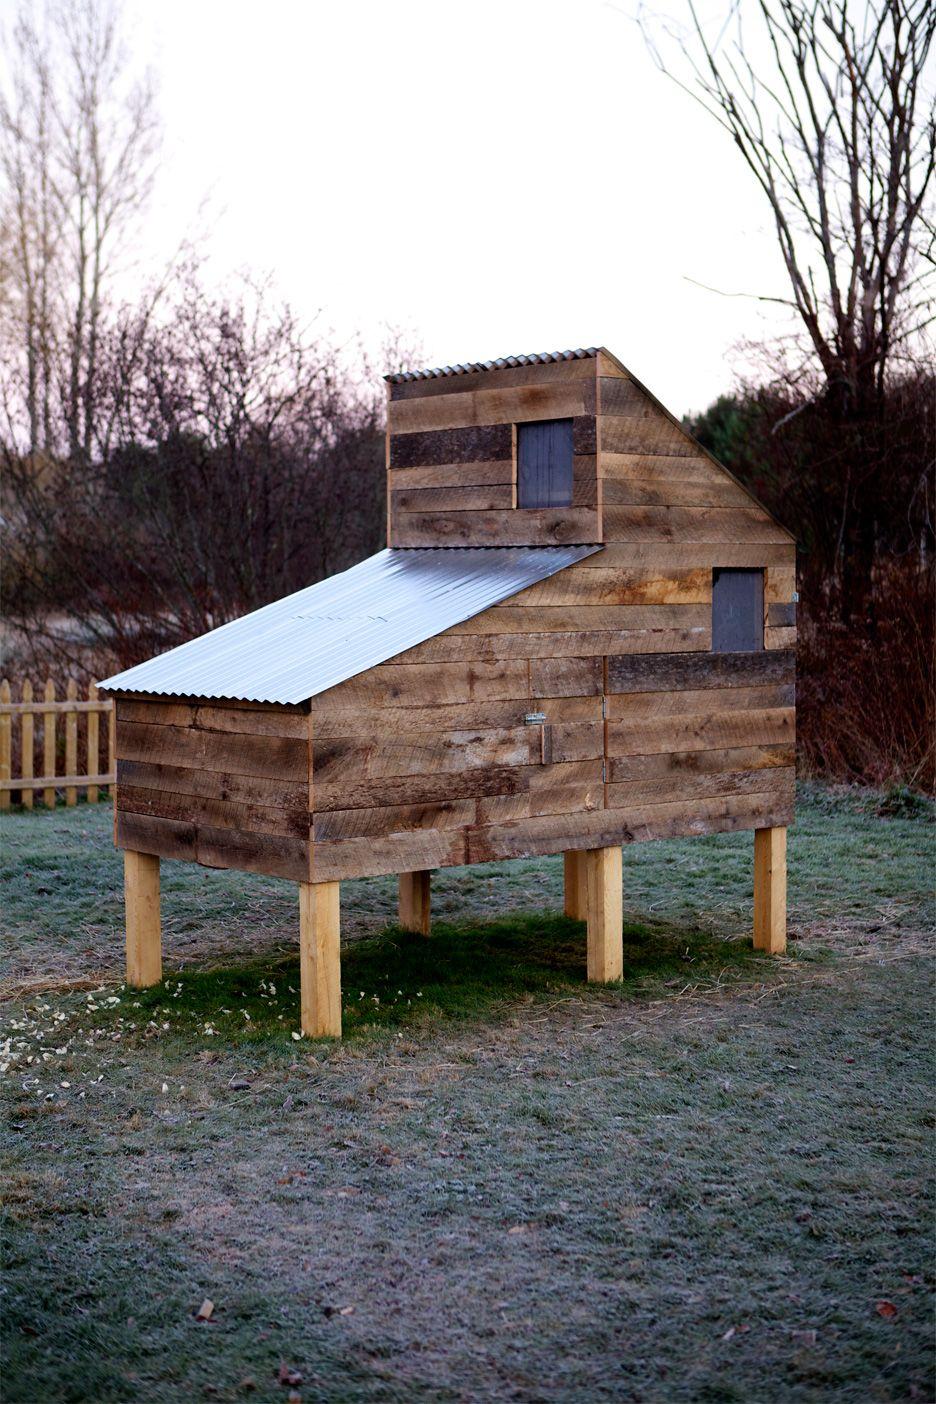 Backyard Chicken Coop Plans Backyard Chicken Coops: Chickens Backyard, Diy Chicken Coop Plans, Backyard Chicken Coops